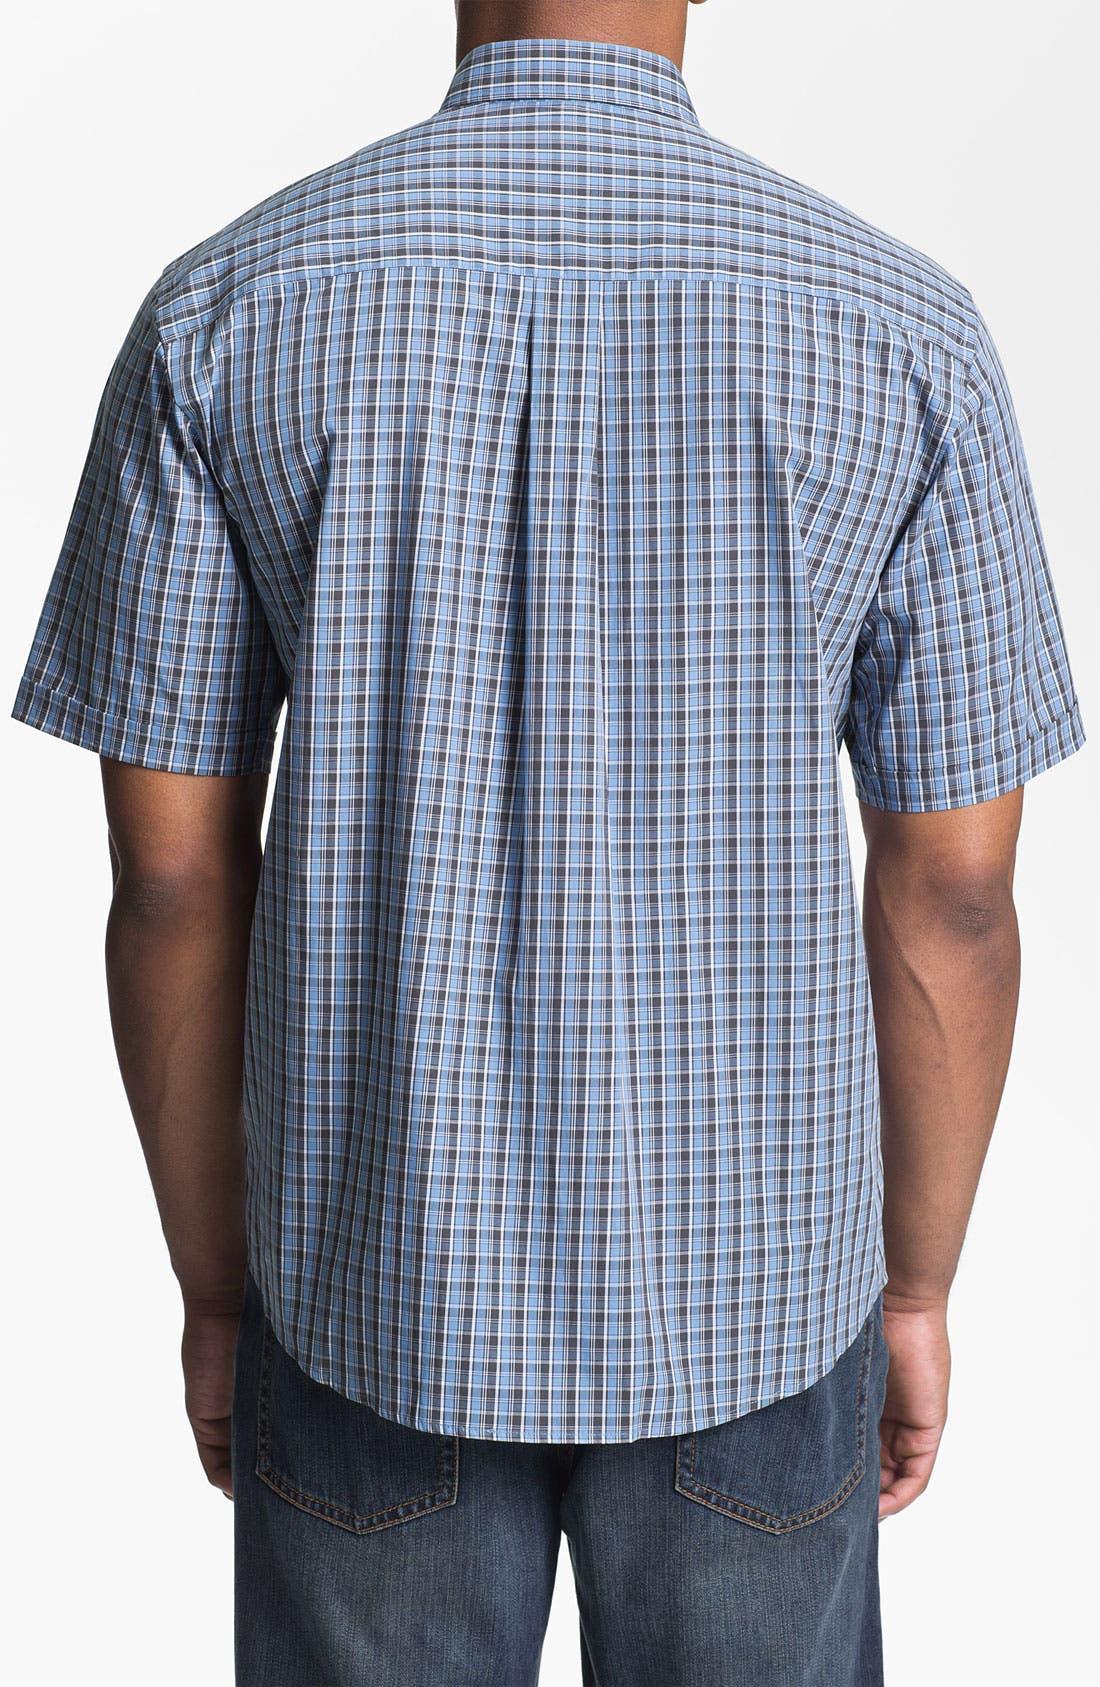 Alternate Image 2  - Cutter & Buck 'Midvale' Check Sport Shirt